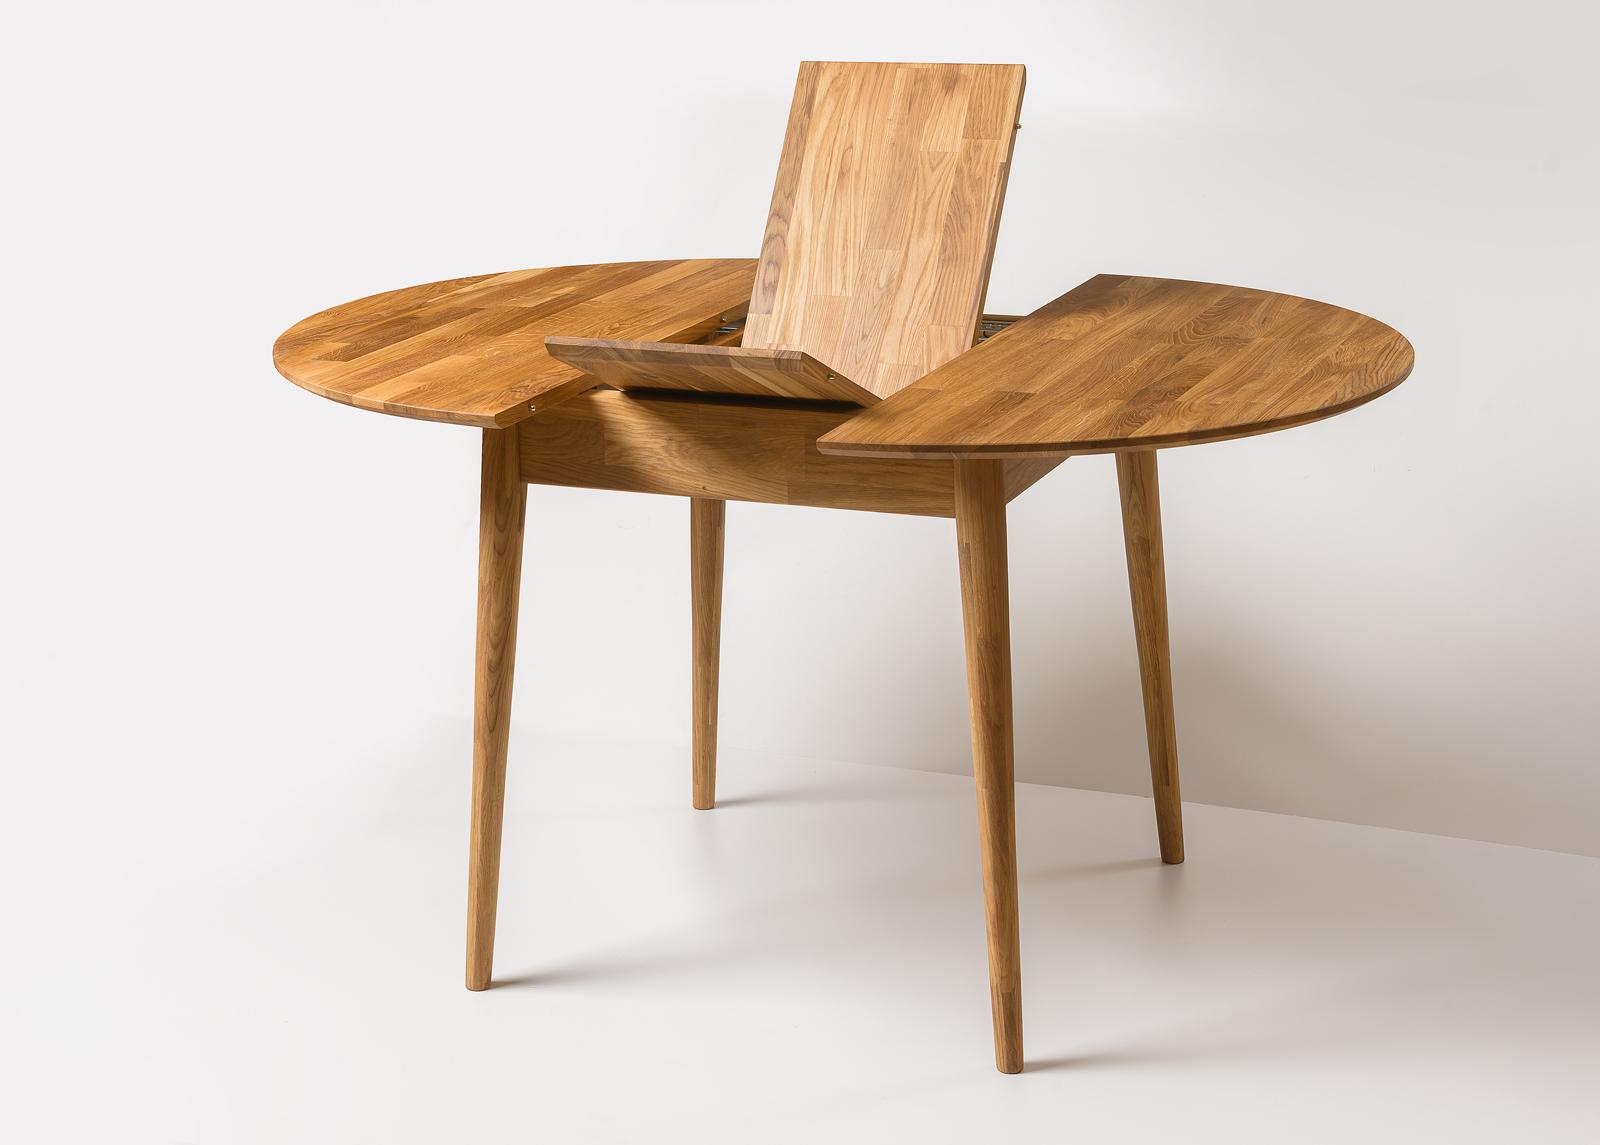 Tammi jatkettava ruokapöytä Scan 100/130x100 cm